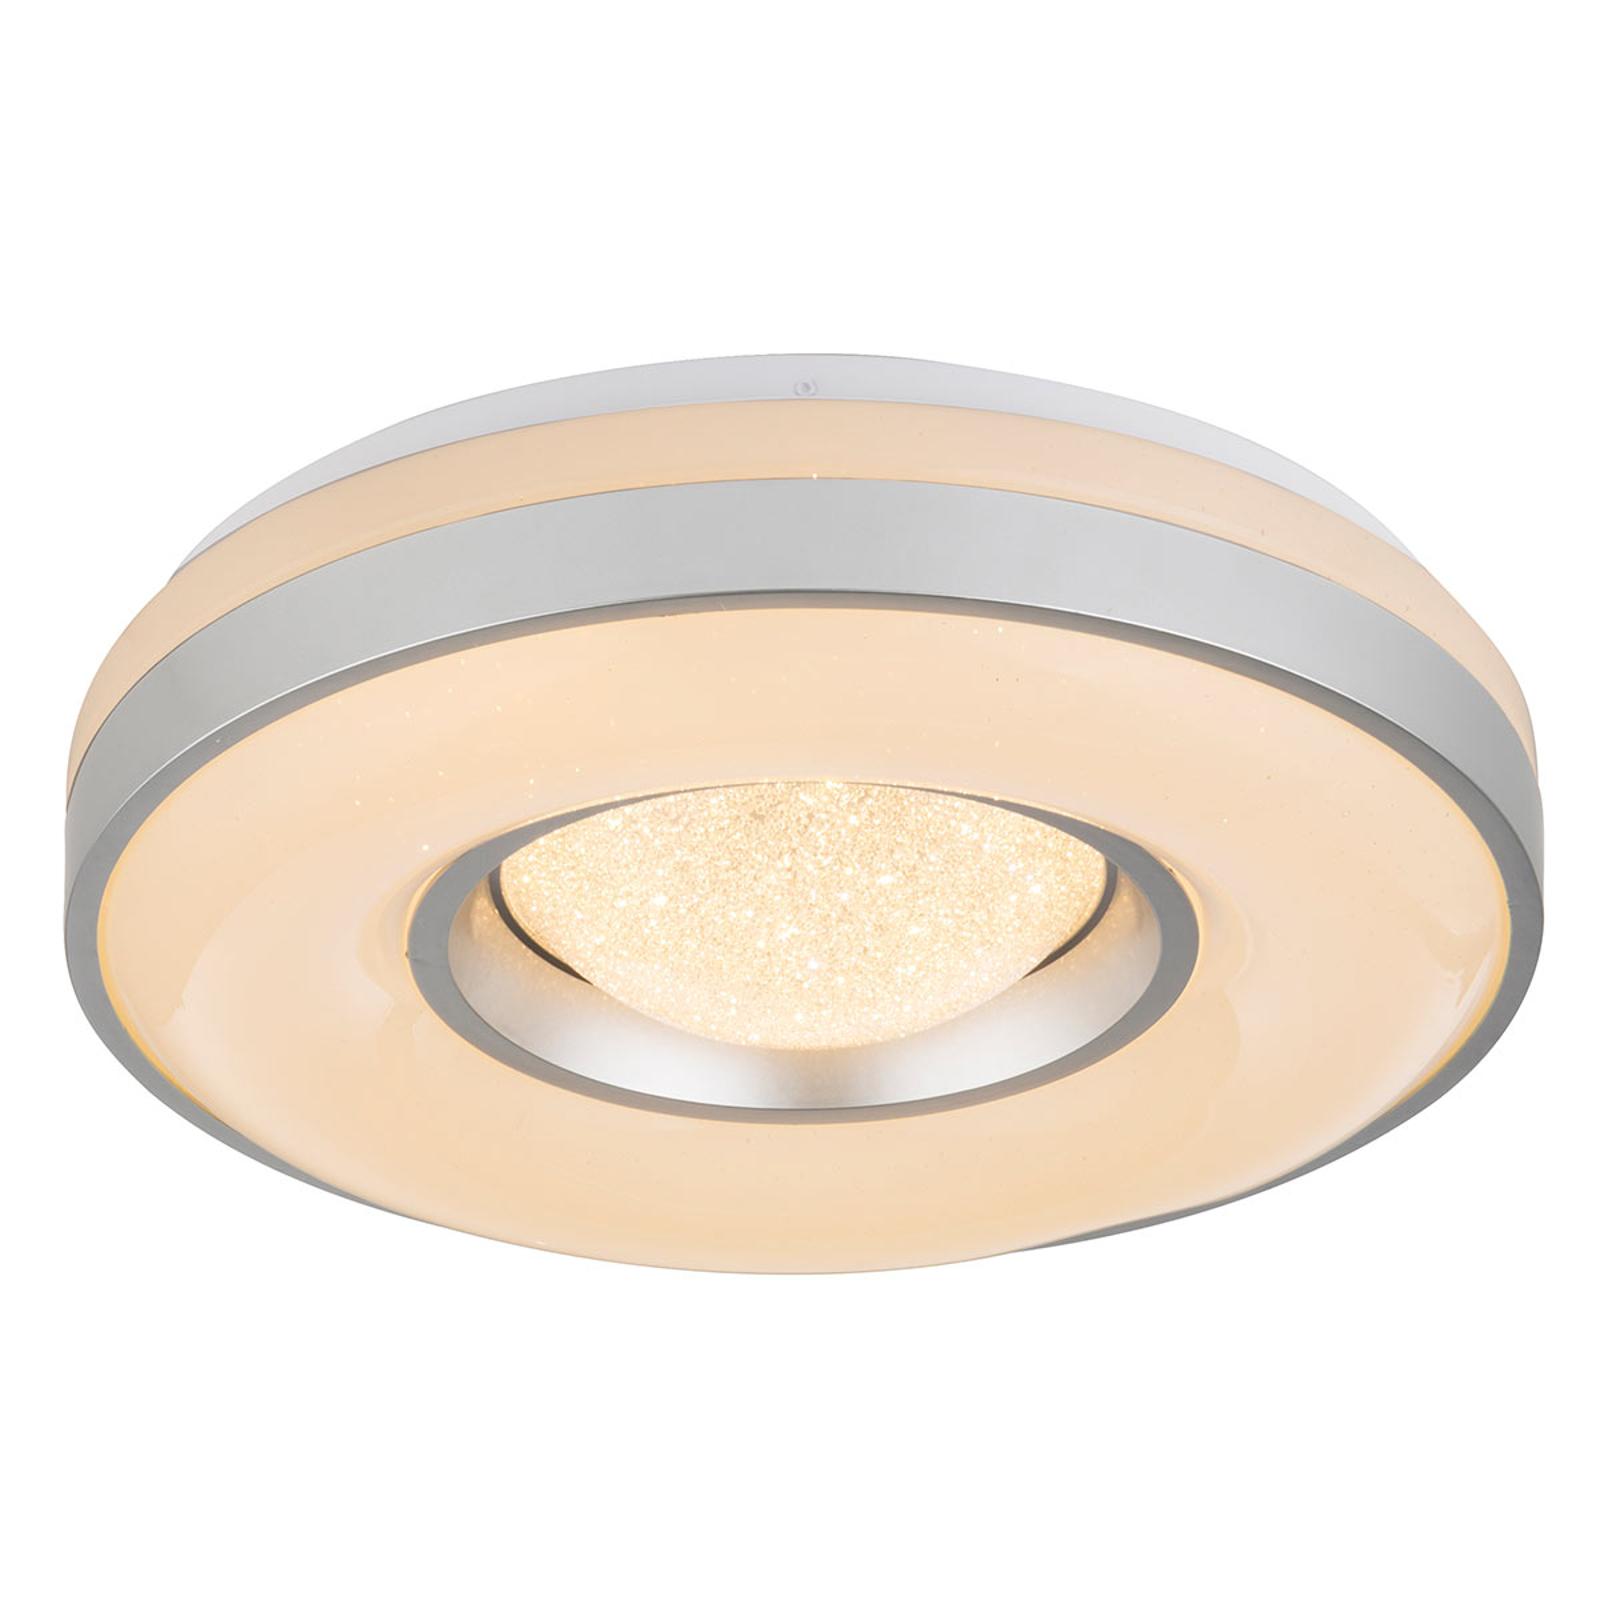 Lampa sufitowa LED Colla z metalową ramą